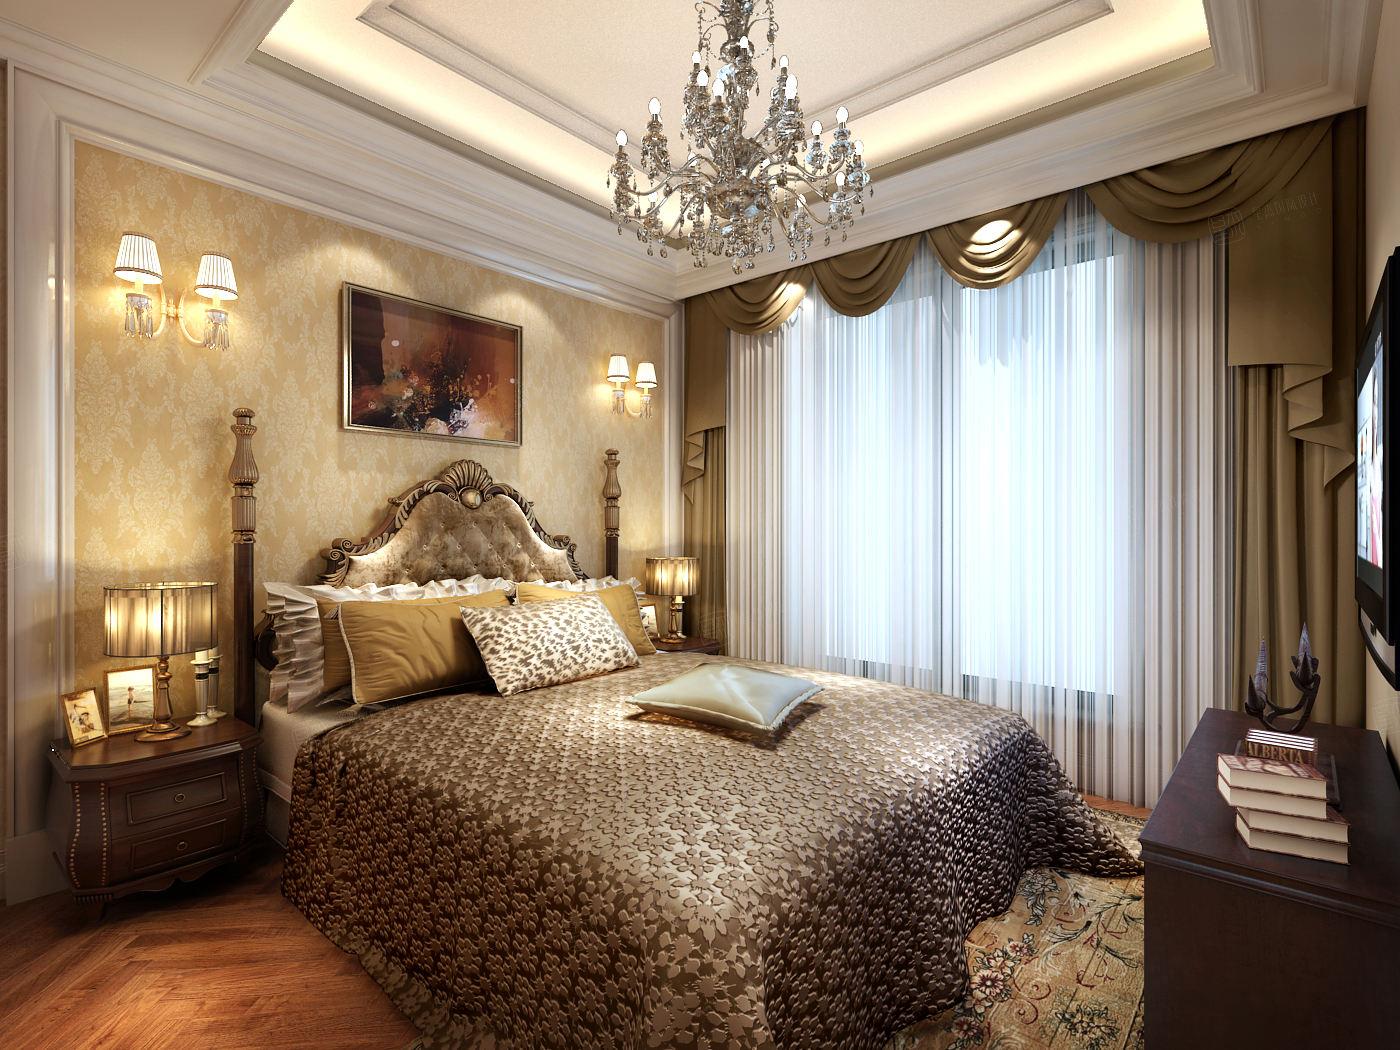 海上纳堤 简欧装修卧室效果图